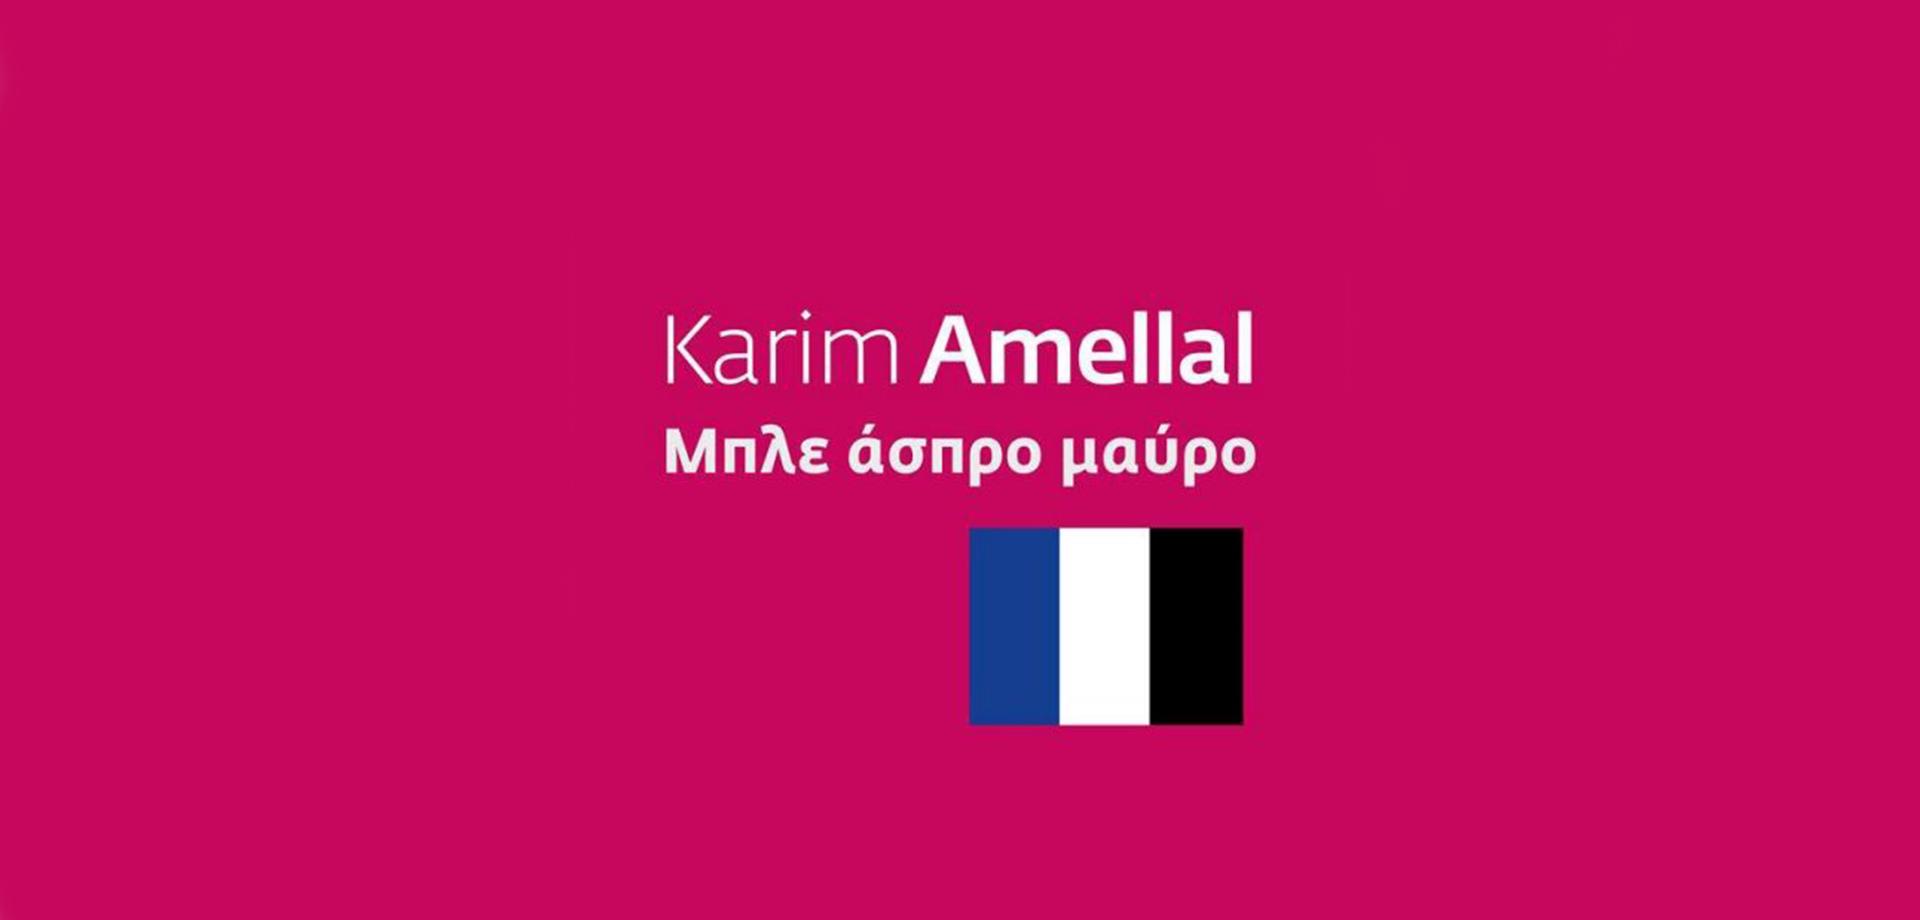 «Μπλε άσπρο μαύρο» του Καρίμ Αμελάλ